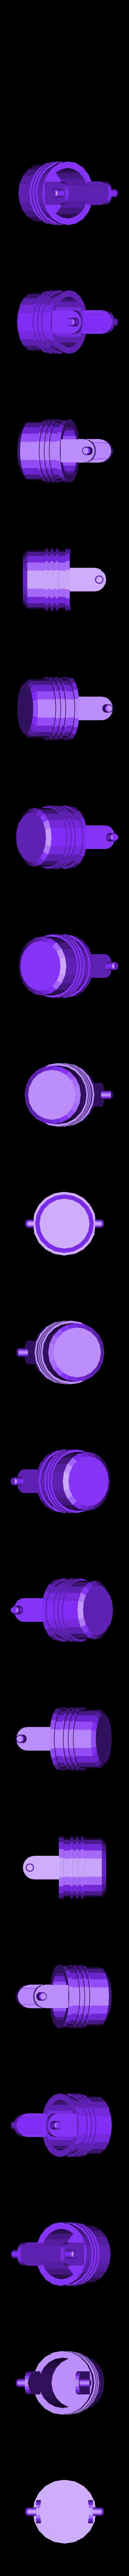 mousetrap-yellow-bucket-for-blue-broom.stl Télécharger fichier STL gratuit TortureTrap : une extension du piège à souris • Objet pour impression 3D, mrhers2